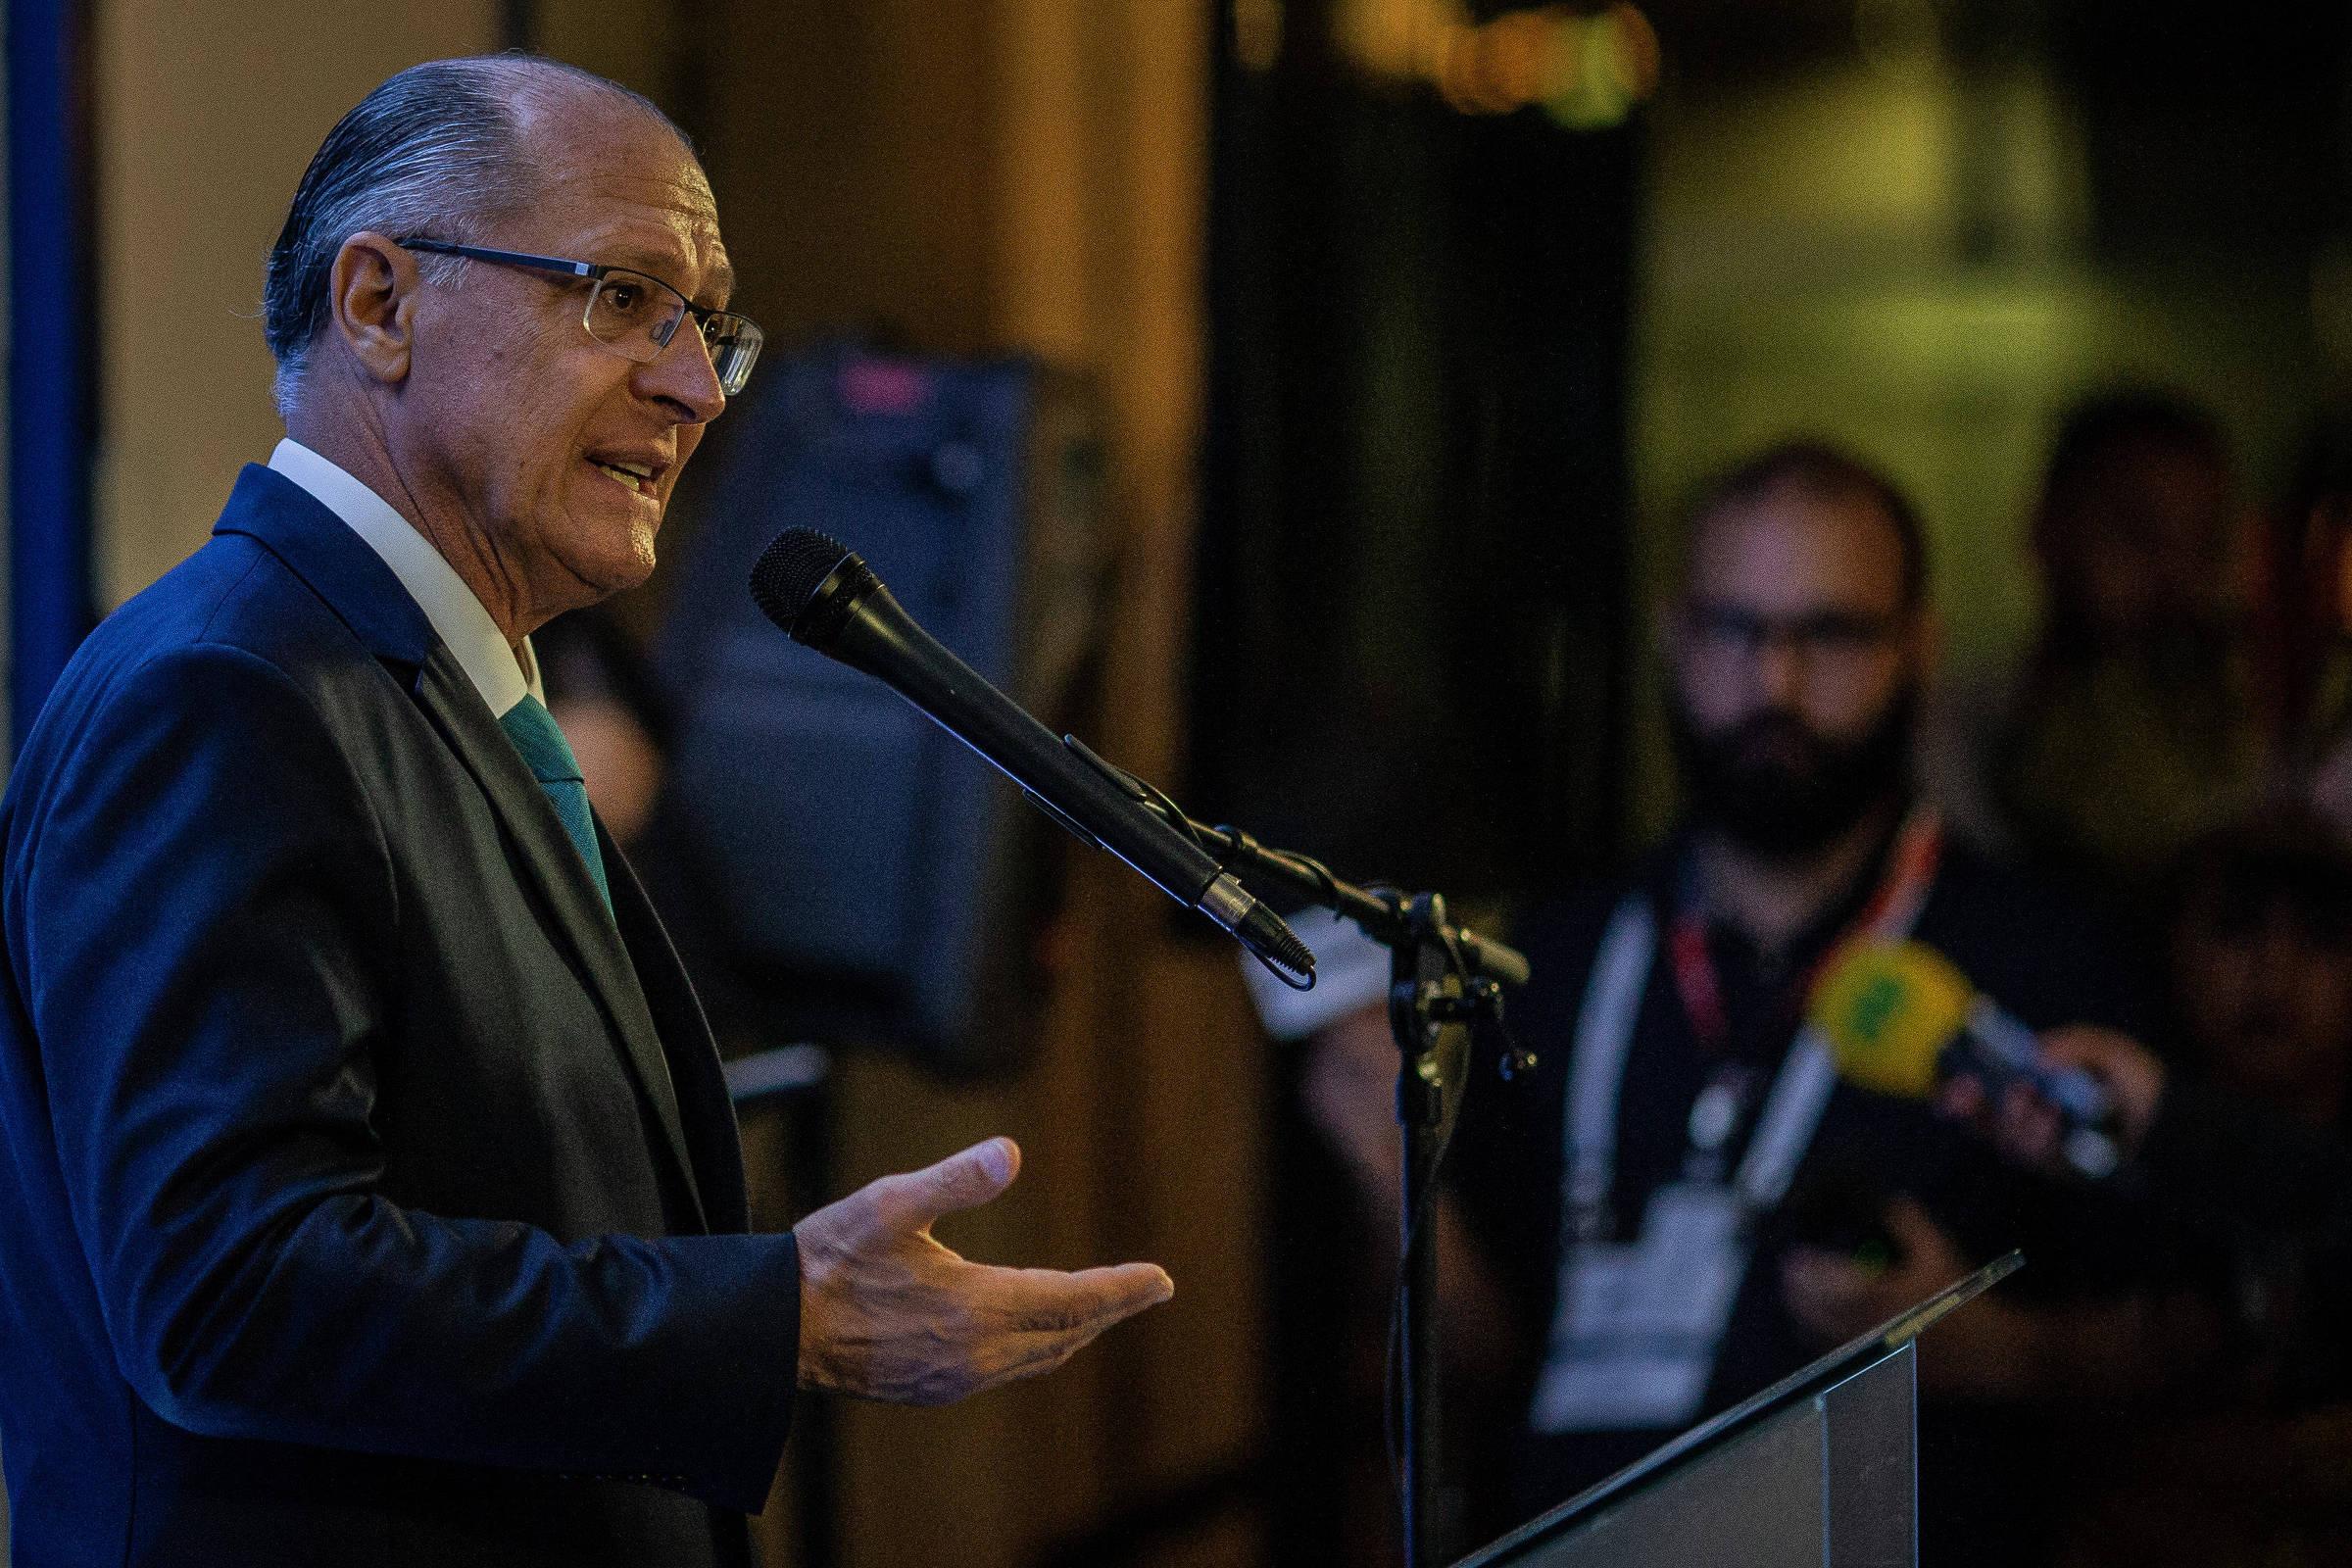 Alckmin se torna acusado de corrupção, lavagem de dinheiro e cobranças em dinheiro 2 - 30/07/2020 - Poder